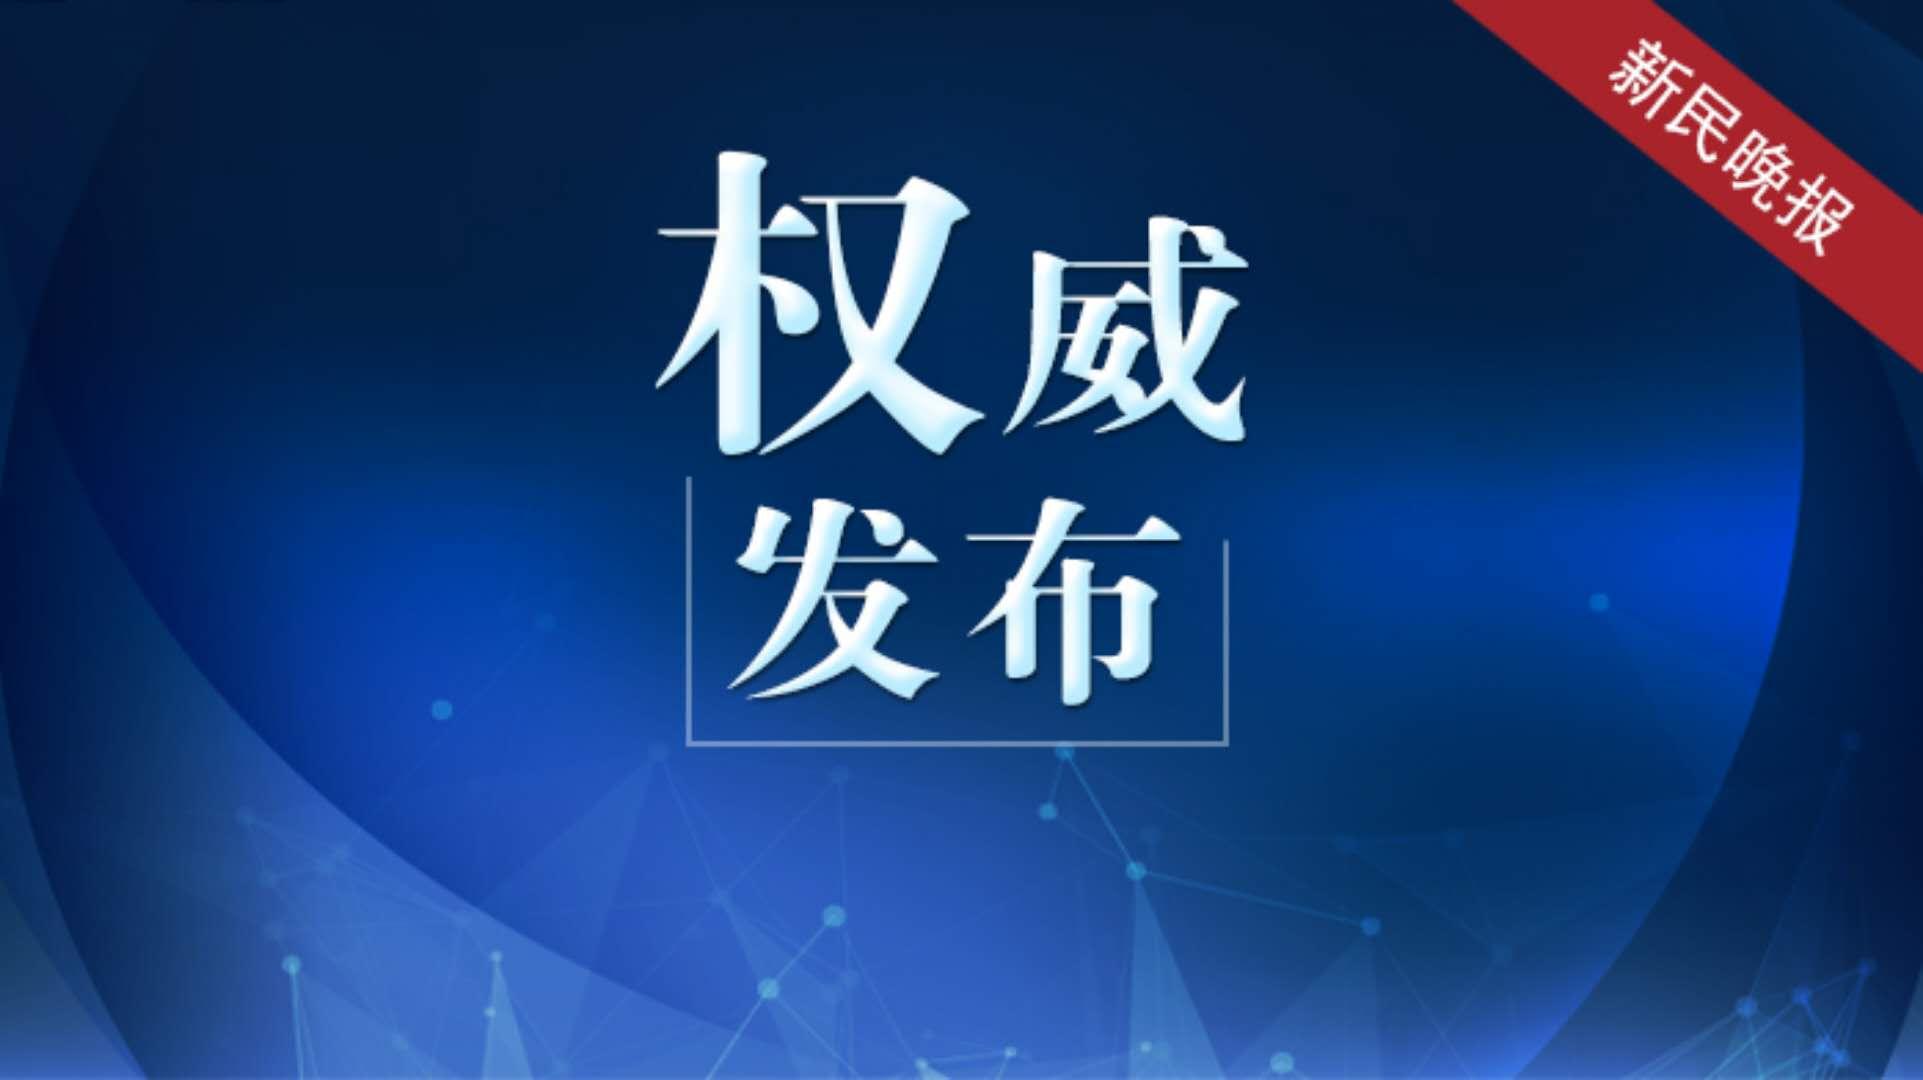 《关于调整2018年度上海市住房公积金缴存比例的补充通知》的问答